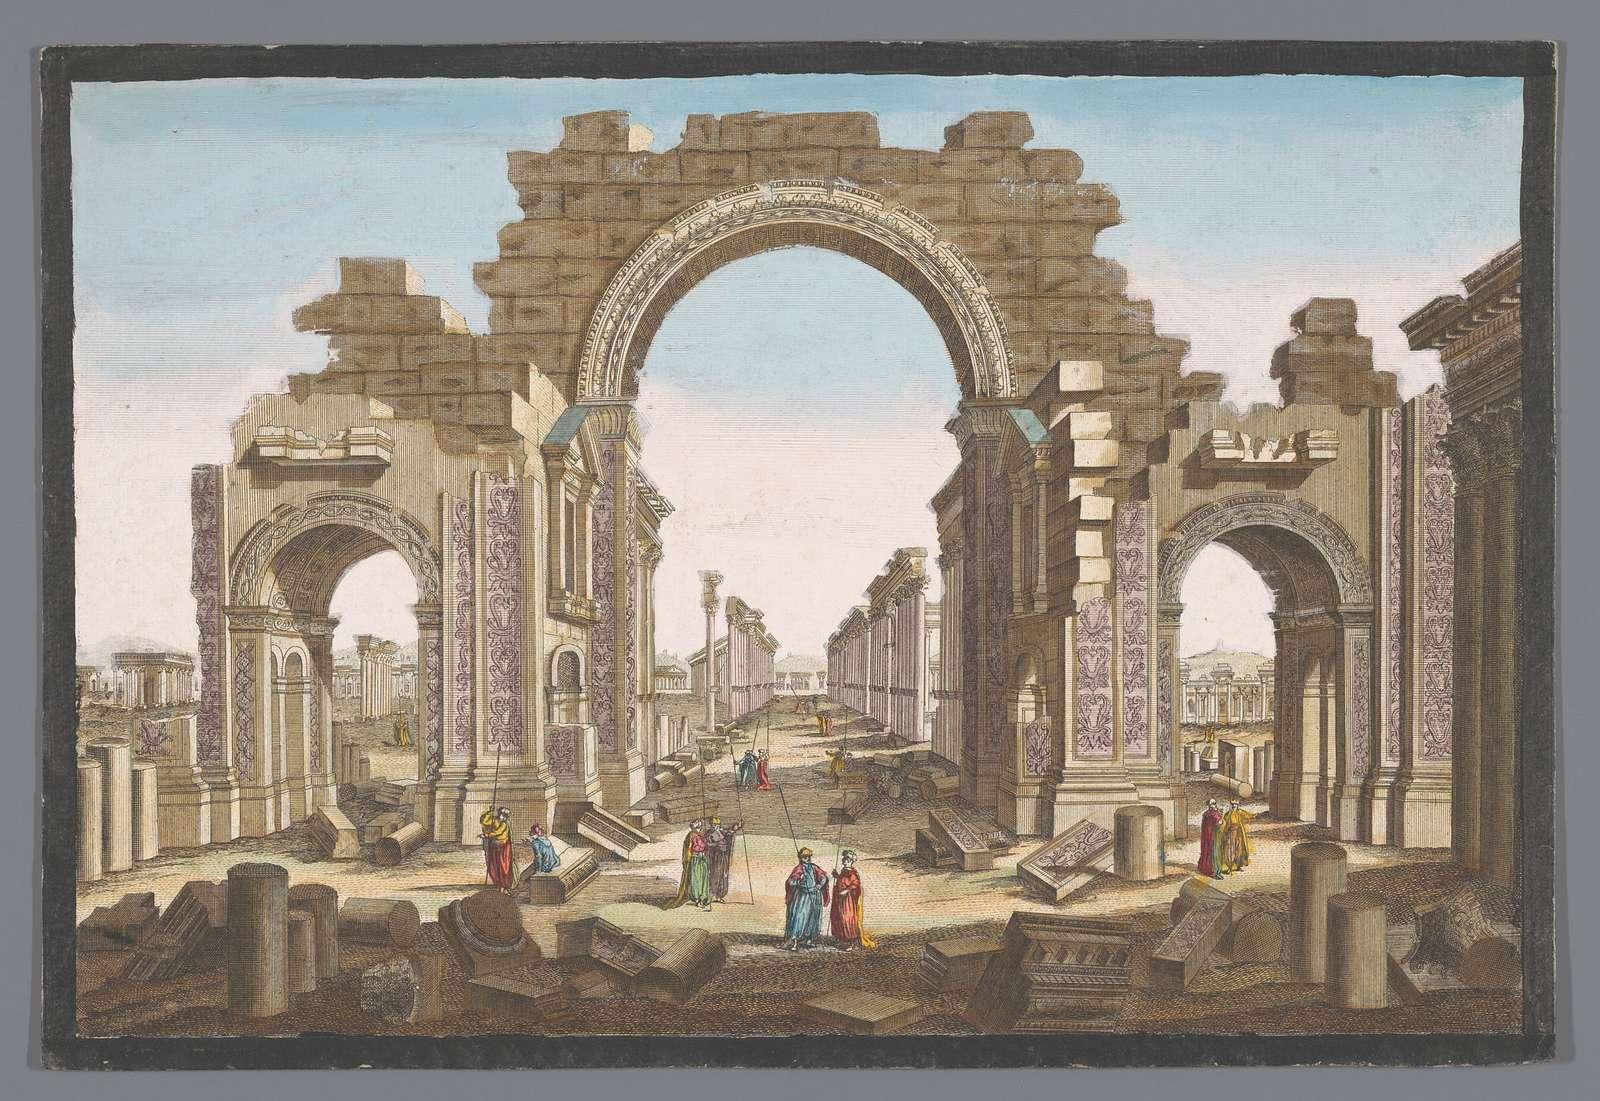 Gezicht op de ruïne van de boog van de zuilengalerij te Palmyra, gezien vanaf de oostzijde